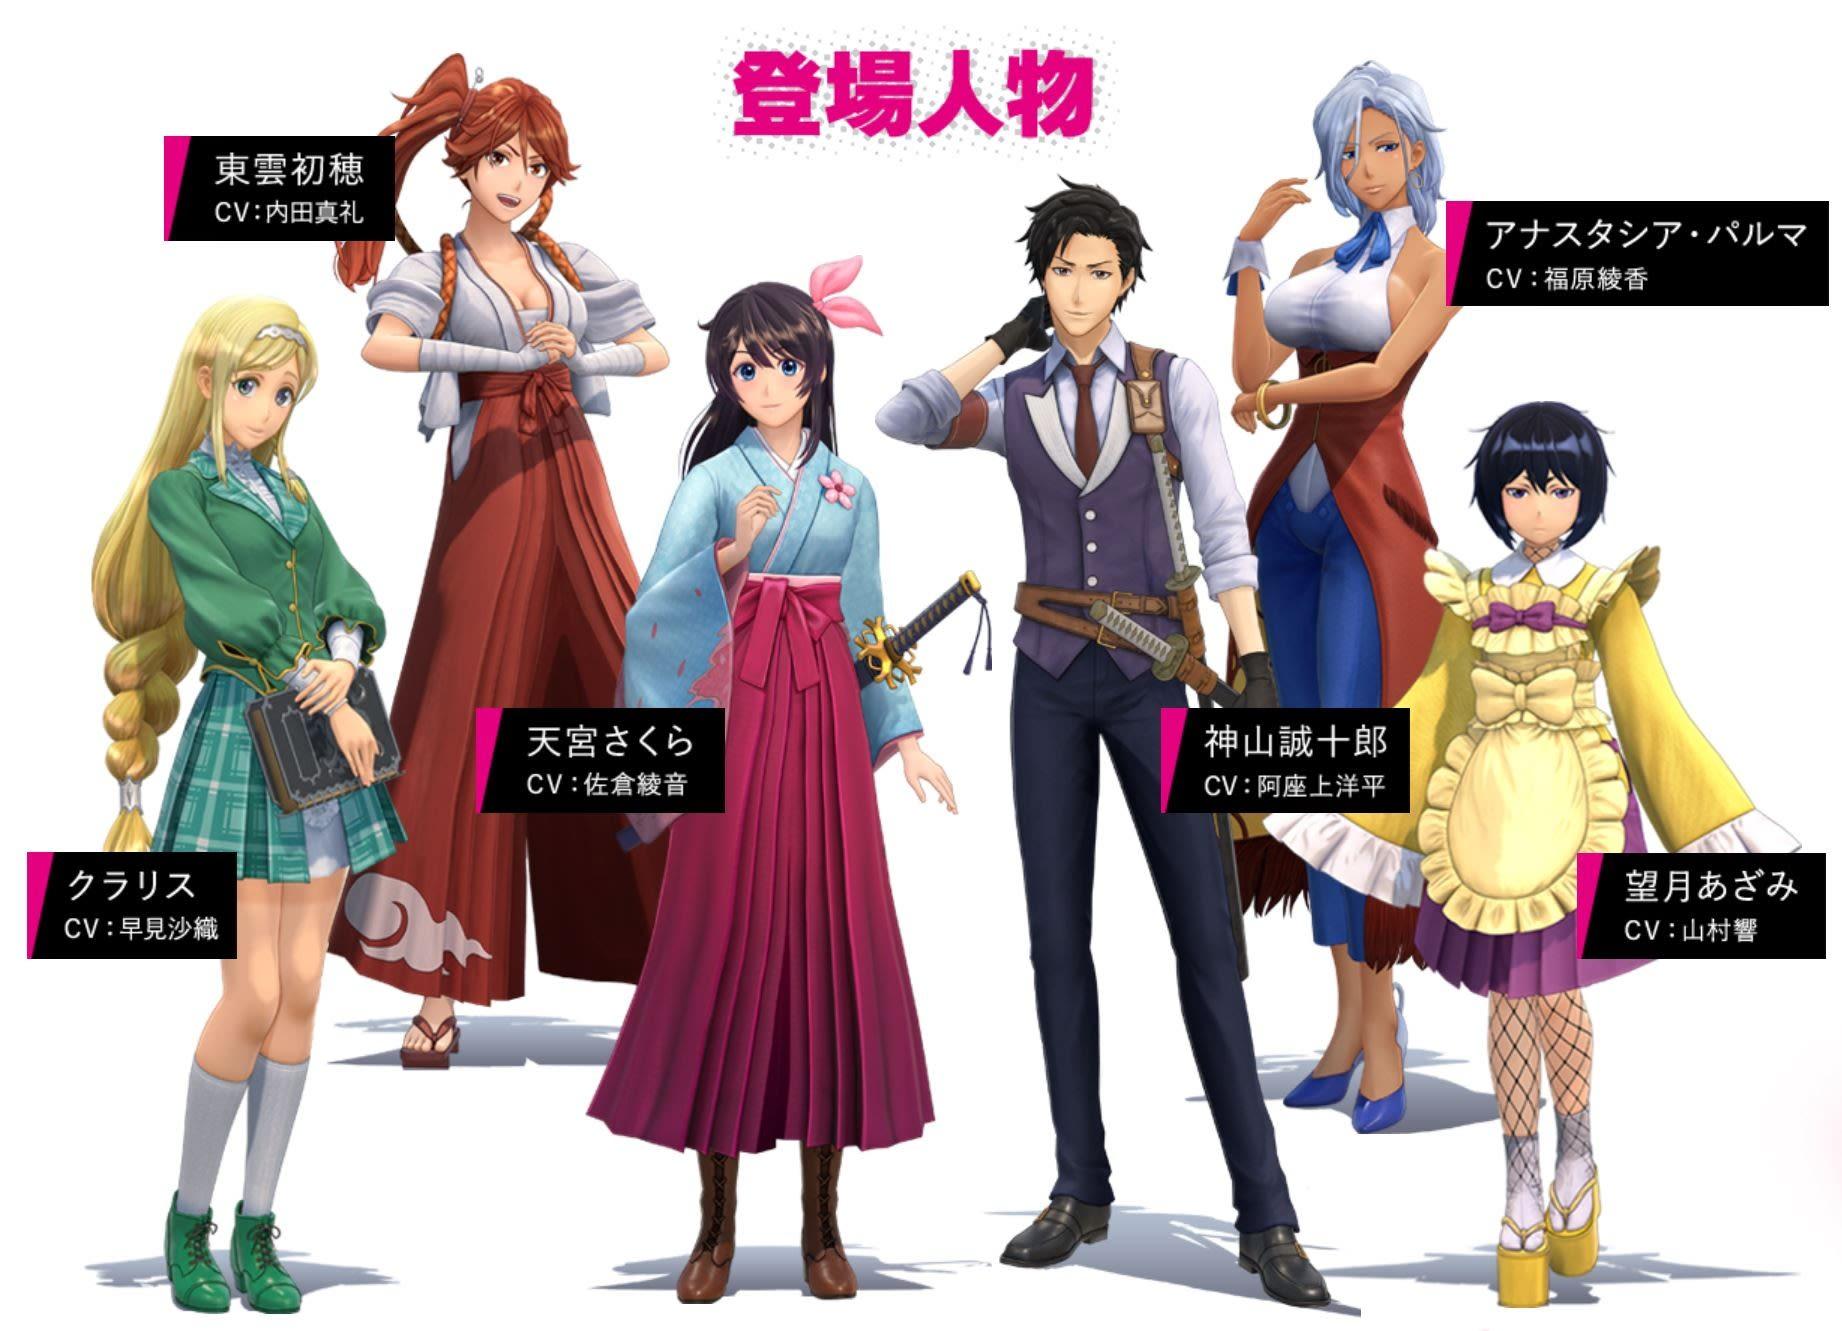 【画像】 PS4「新サクラ大戦」のキャラクターがこちら 藤島康介から久保帯人に変わった理由とは